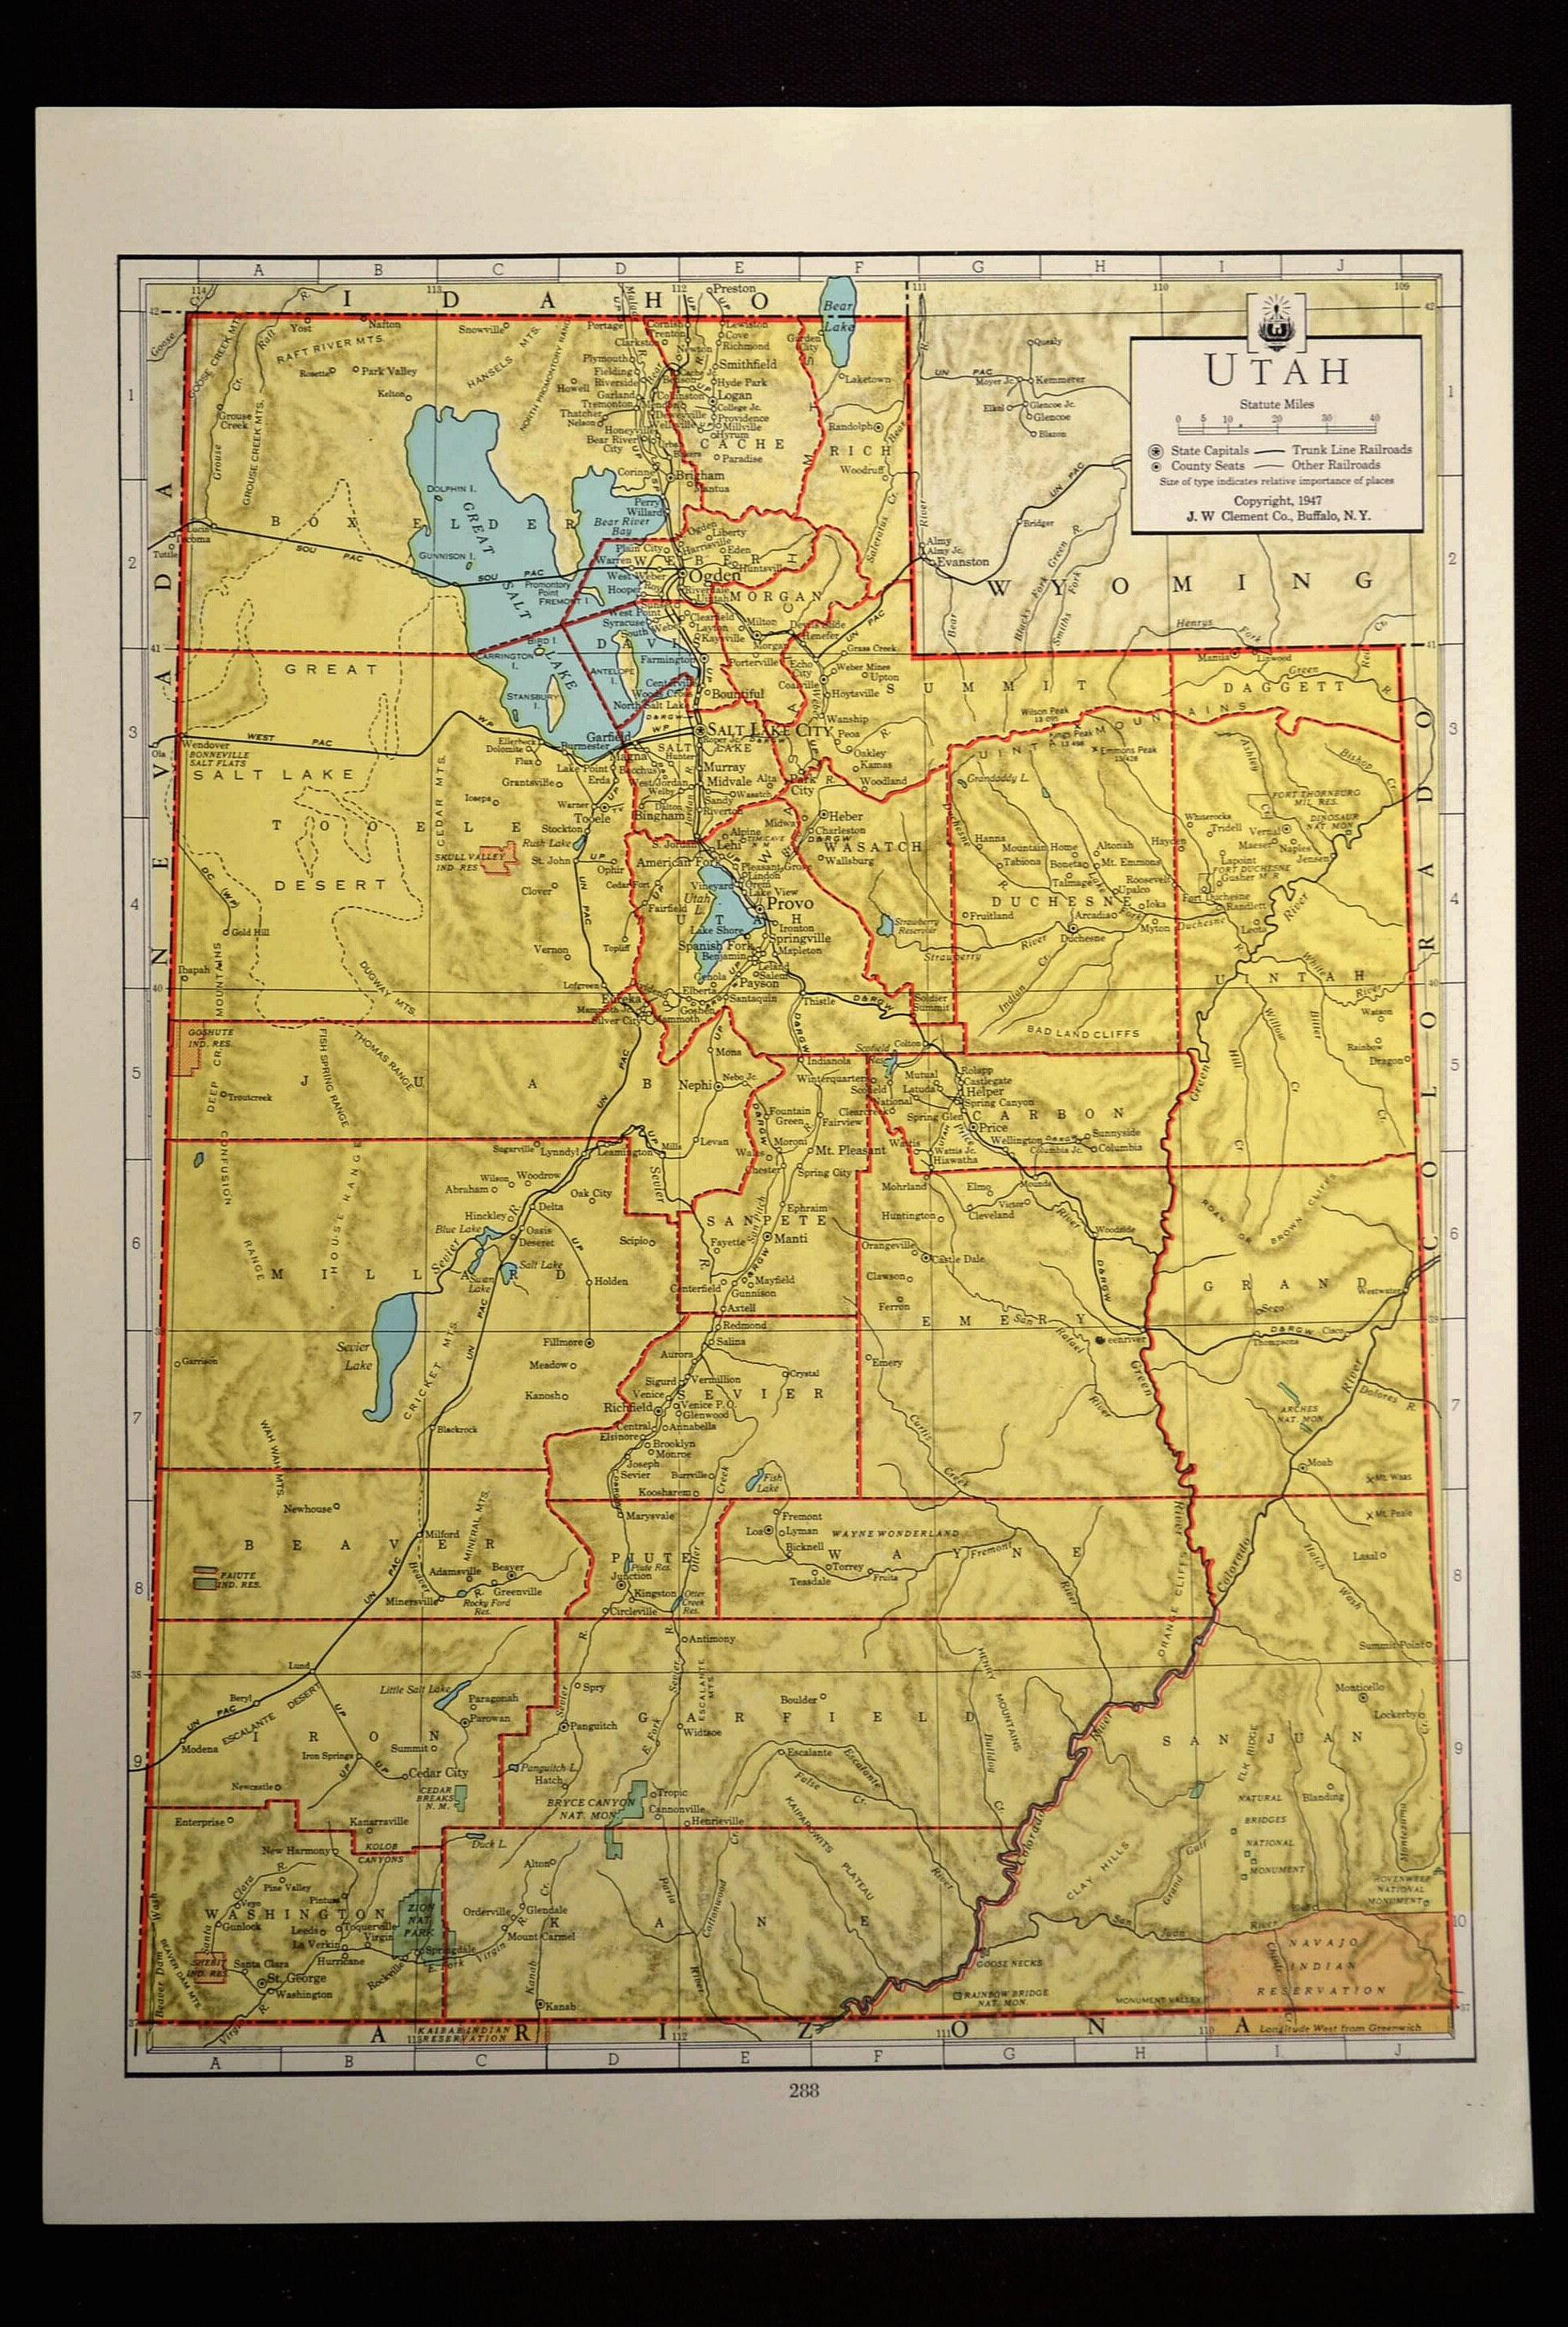 Utah Map Of Utah Wall Art Decor Colored Colorful Yellow Etsy